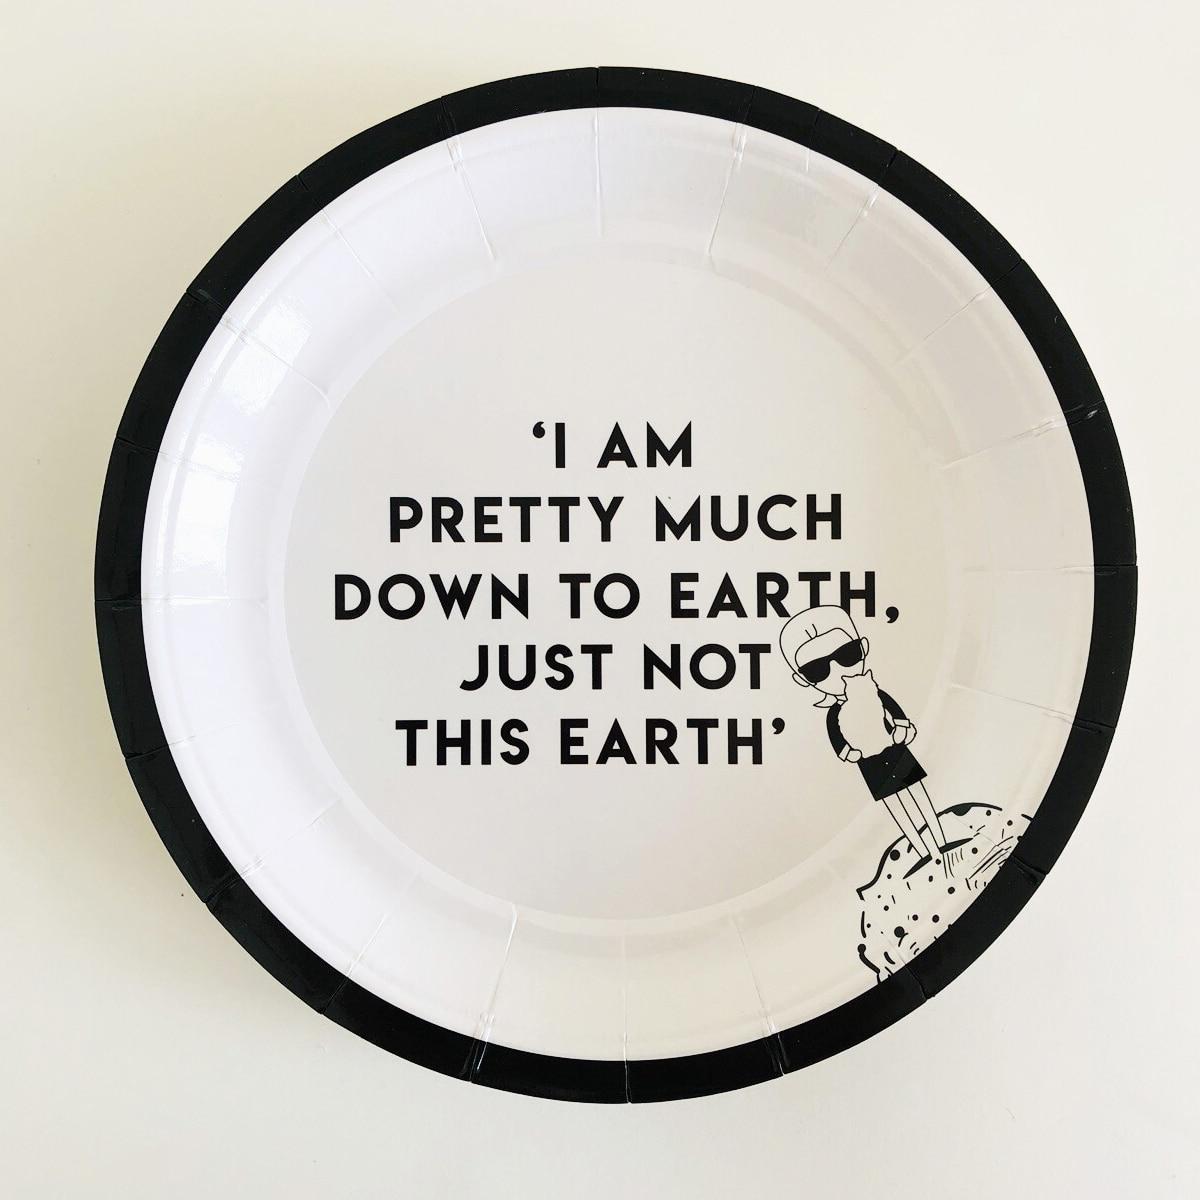 8шт одноразовая тарелка с текстовым принтом